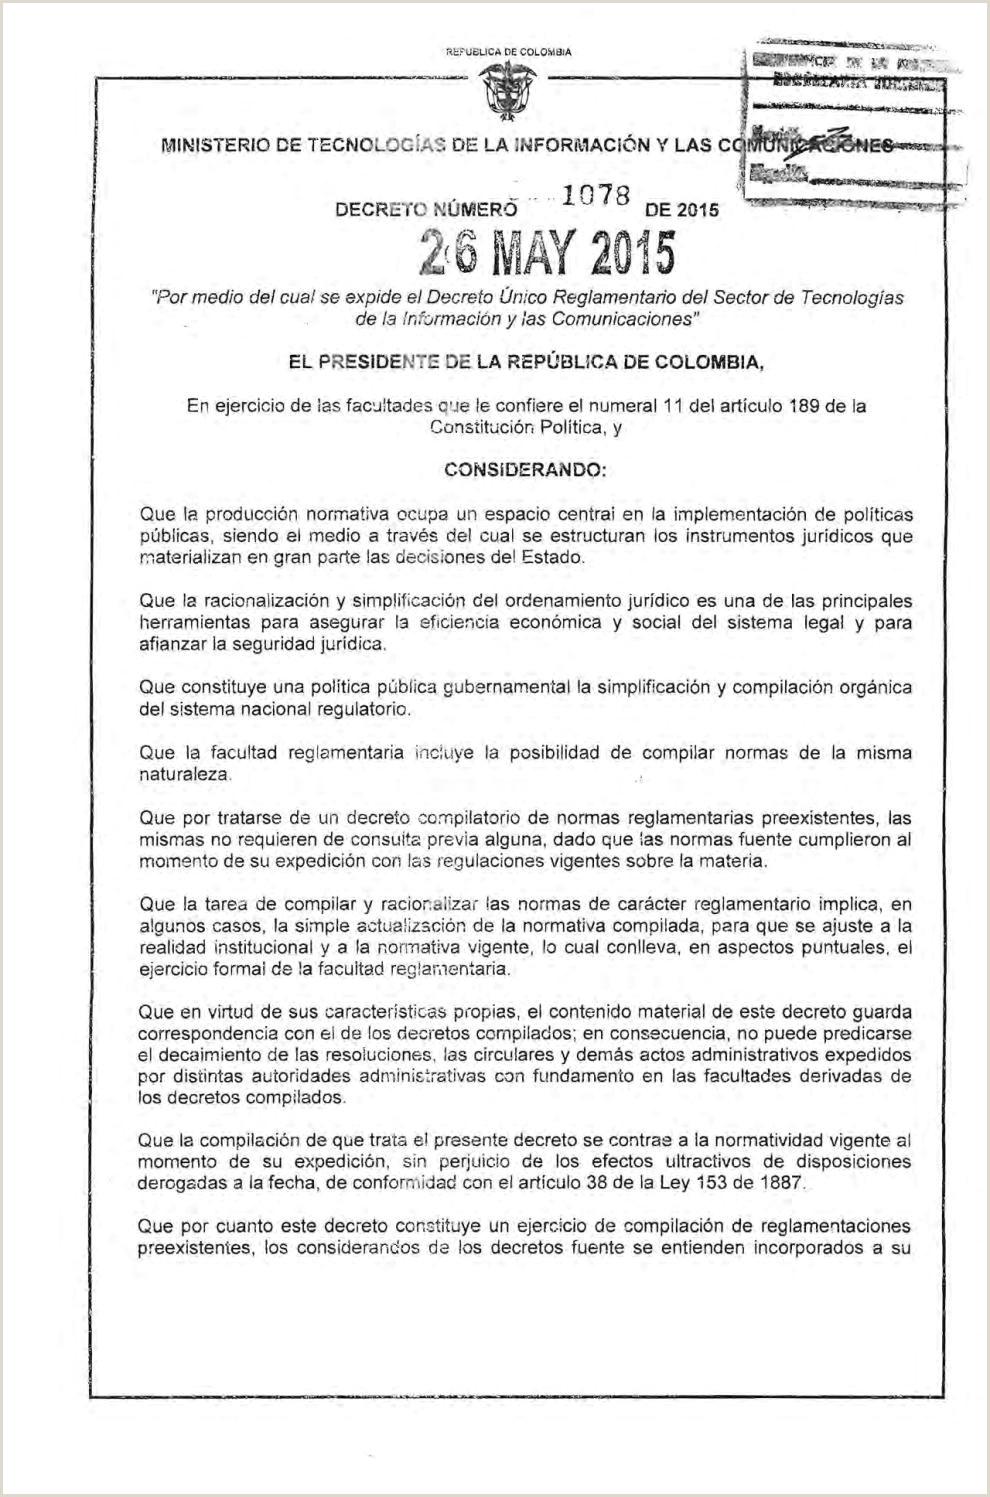 2015 Decreto 1078 de 2015 por medio del cual se expide el